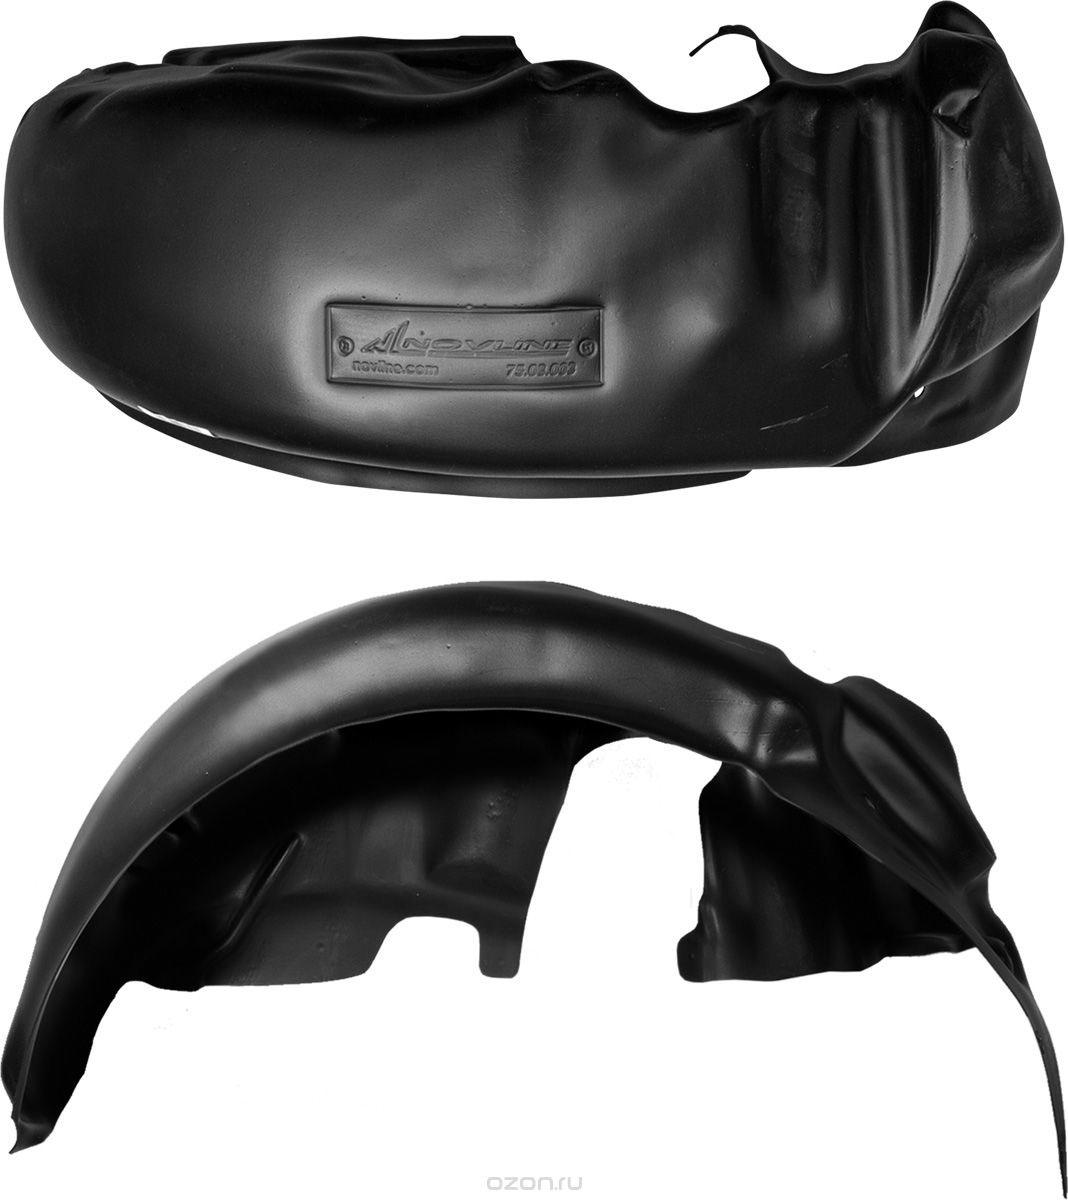 Подкрылок Novline-Autofamily, для HAIMA 7, 2013->, задний правый42803002Идеальная защита колесной ниши. Локеры разработаны с применением цифровых технологий, гарантируют максимальную повторяемость поверхности арки. Изделия устанавливаются без нарушения лакокрасочного покрытия автомобиля, каждый подкрылок комплектуется крепежом. Уважаемые клиенты, обращаем ваше внимание, что фотографии на подкрылки универсальные и не отражают реальную форму изделия. При этом само изделие идет точно под размер указанного автомобиля.